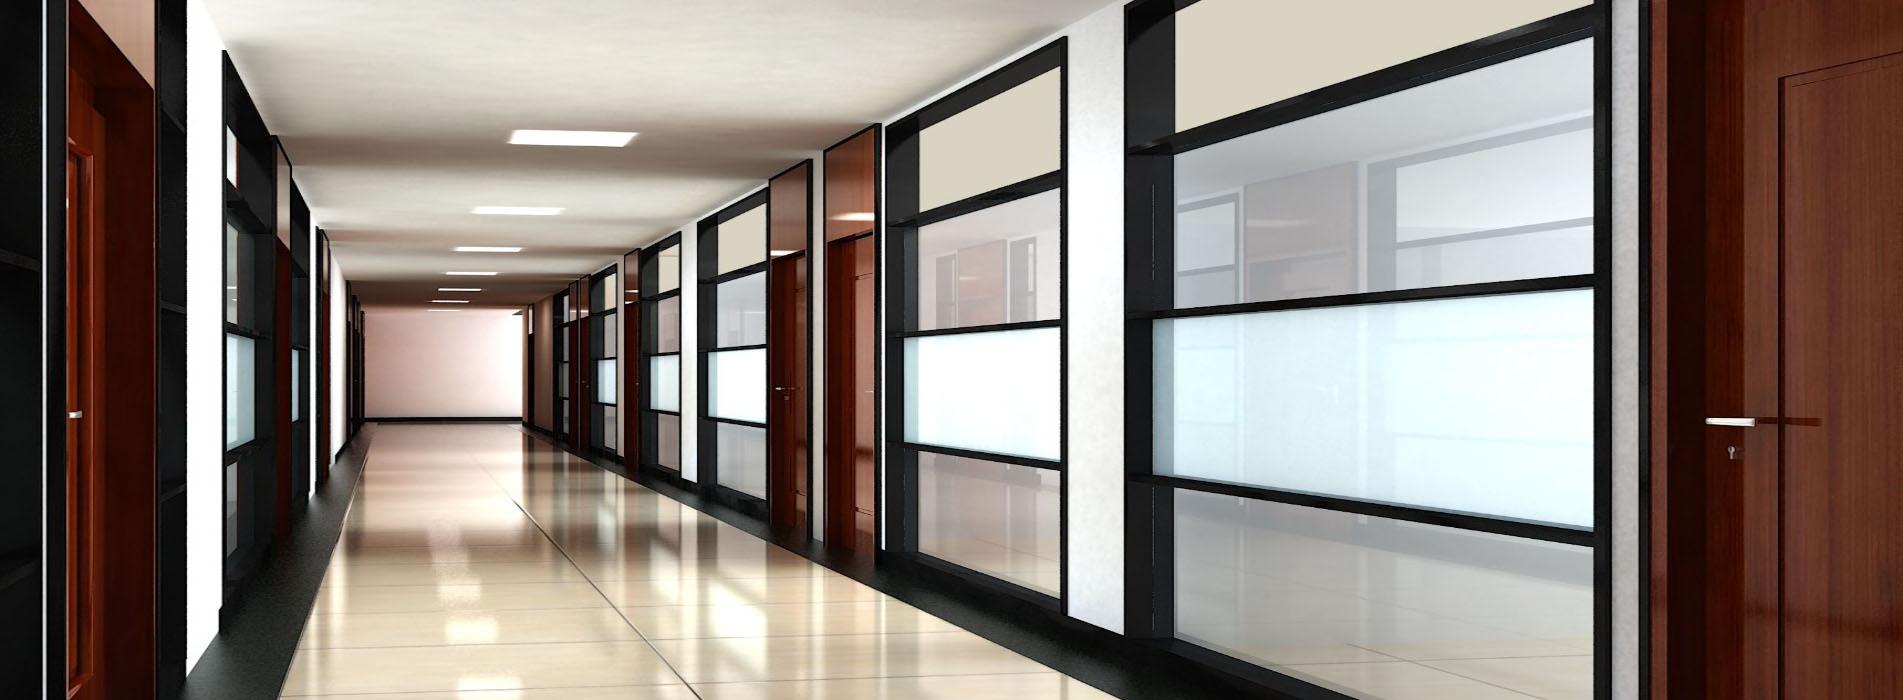 昆明办公室玻璃隔断使用中出现脏污现象应该怎么办?厂家教您这样做